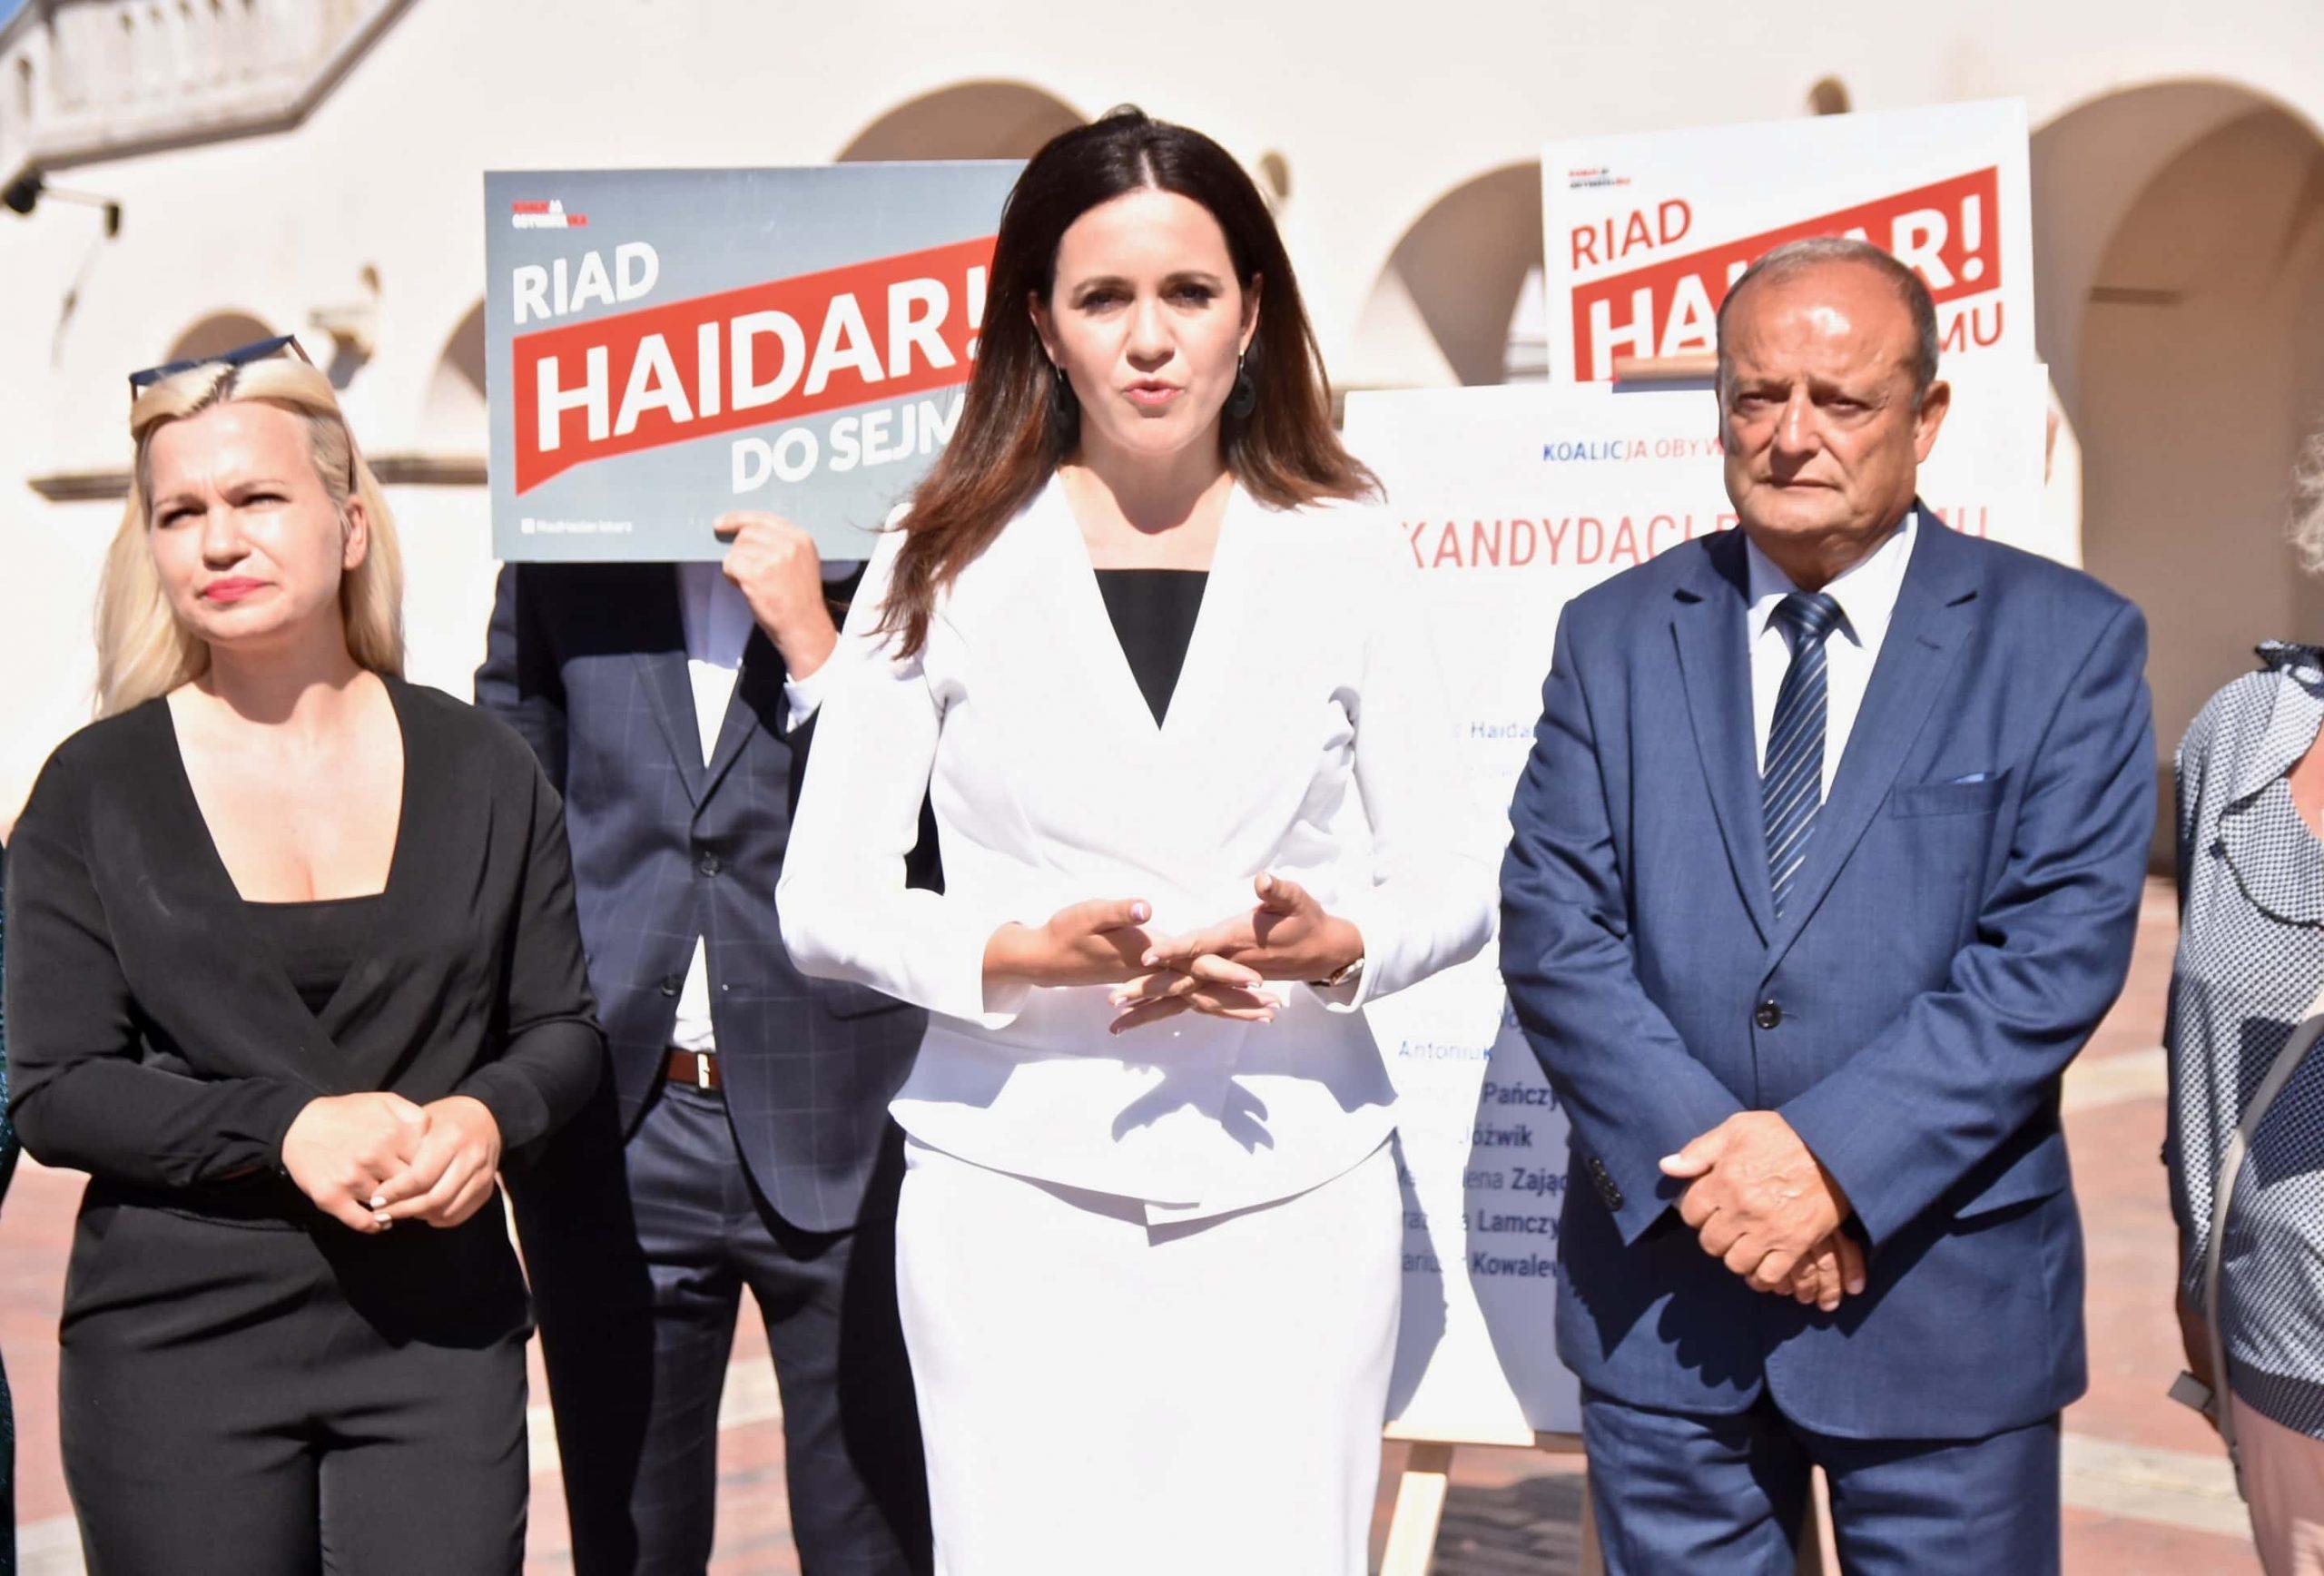 dsc 6581 scaled Zamość: Koalicja Obywatelska przedstawiła kandydatów do sejmu z okręgu nr 7 [ZDJĘCIA, FILM]